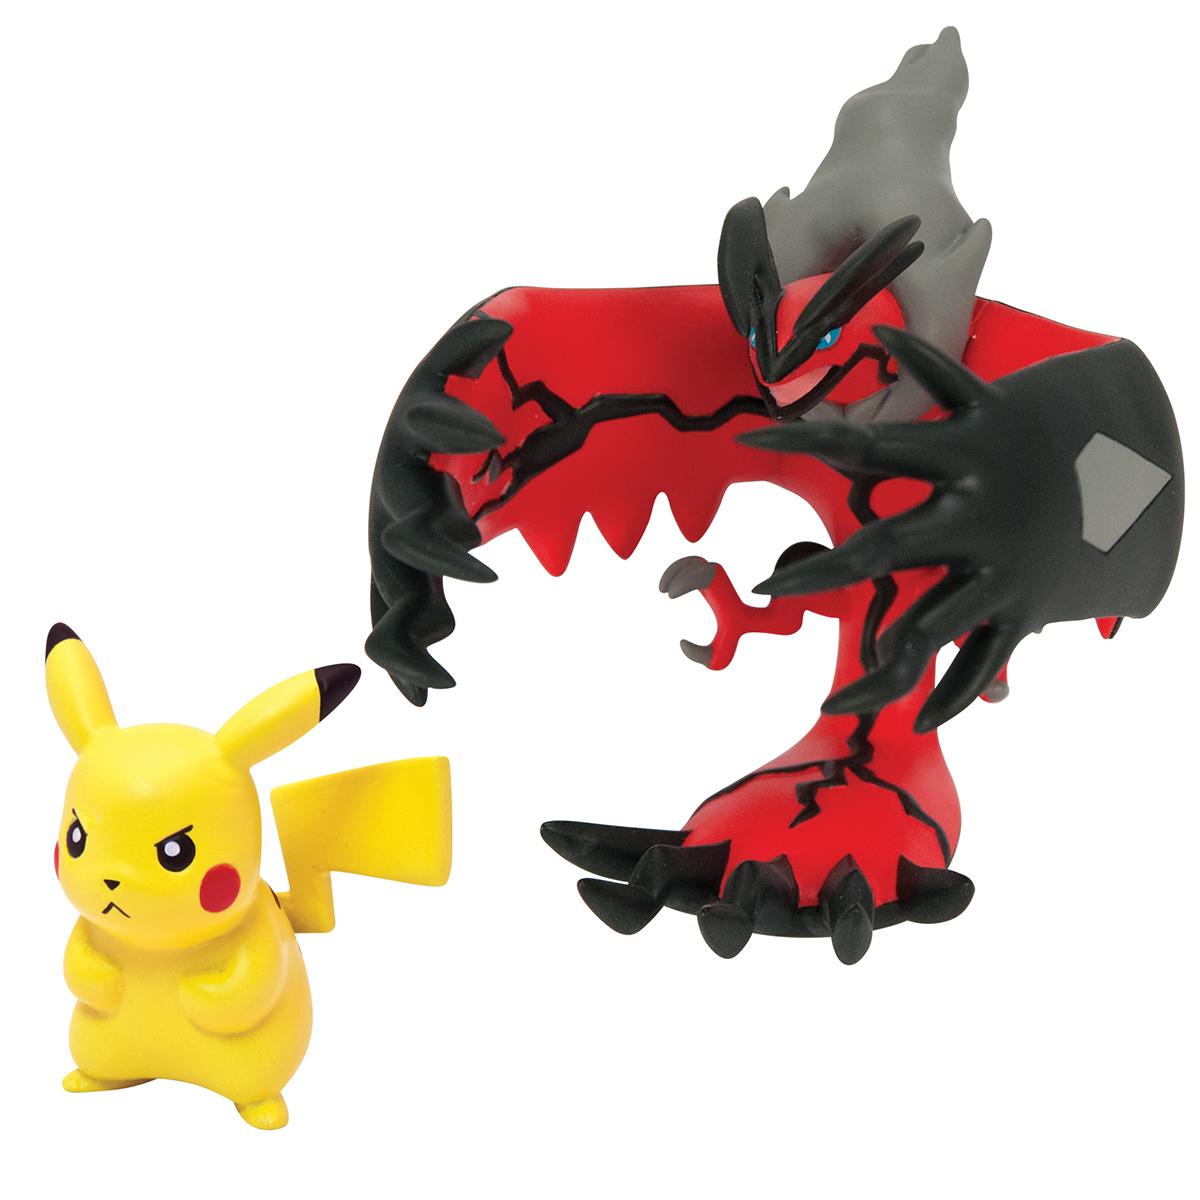 Les jouets pokemon x et y arrivent insert coin - Pokemon x et y legendaire ...